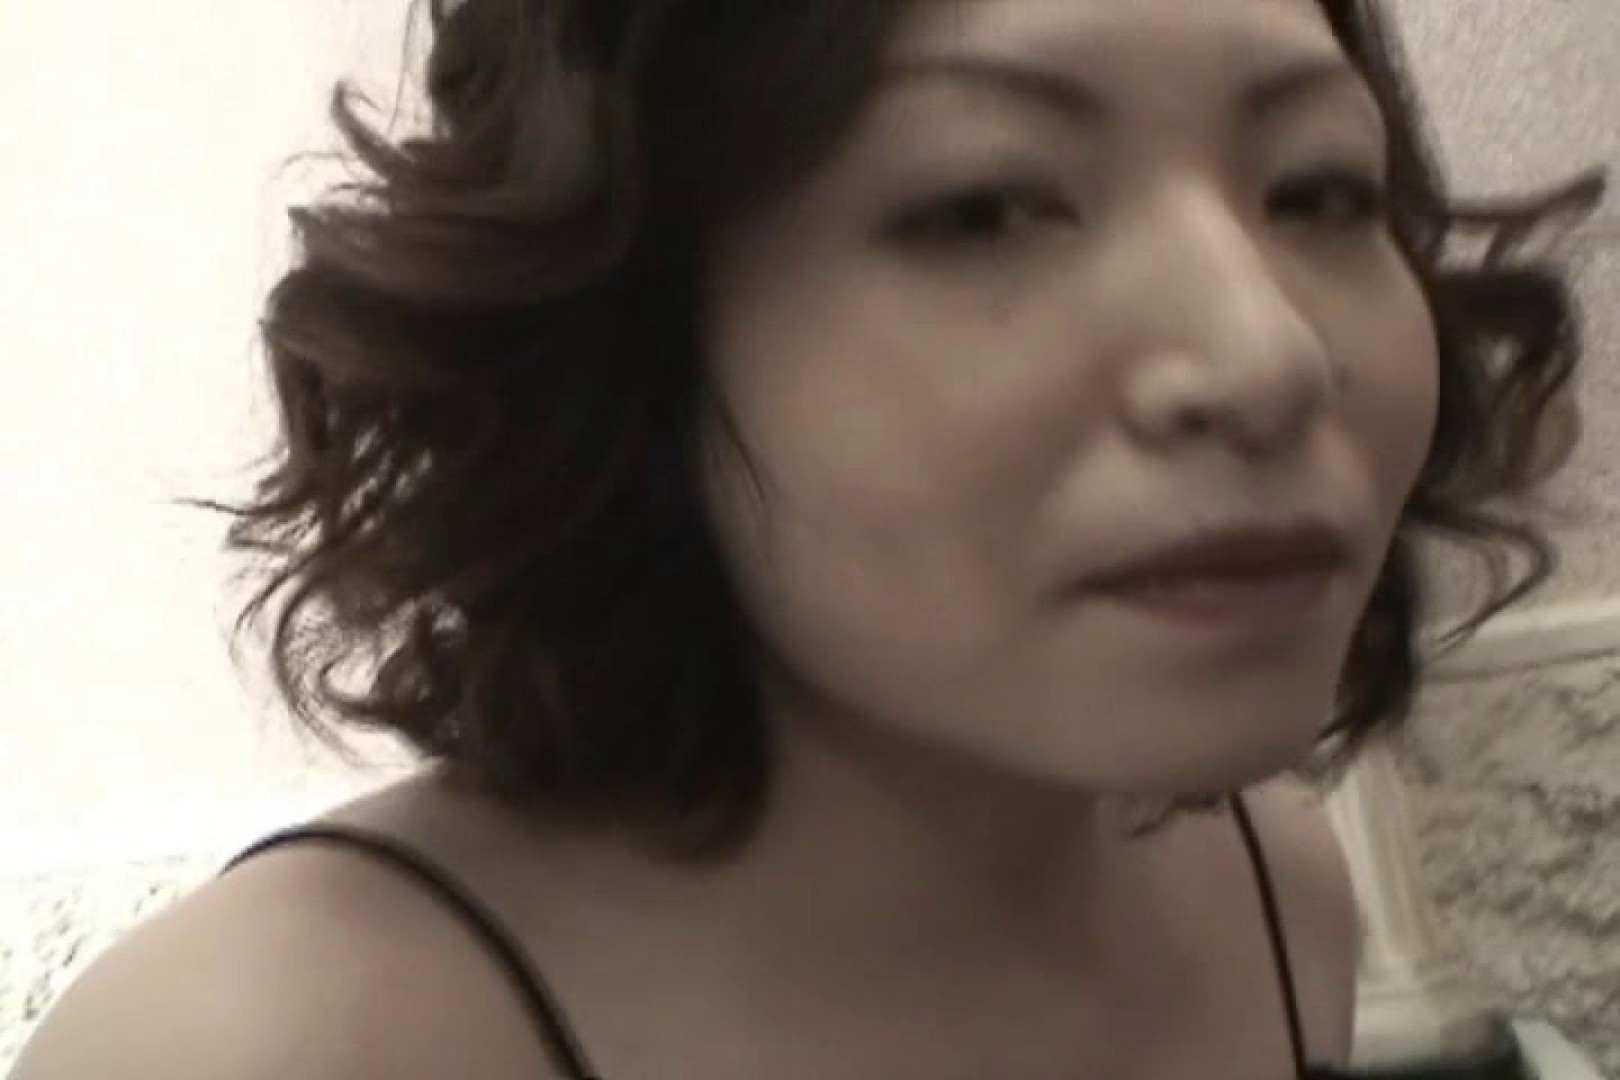 デリヘル嬢隠し撮り~めぐ23歳~ 隠撮  95pic 12